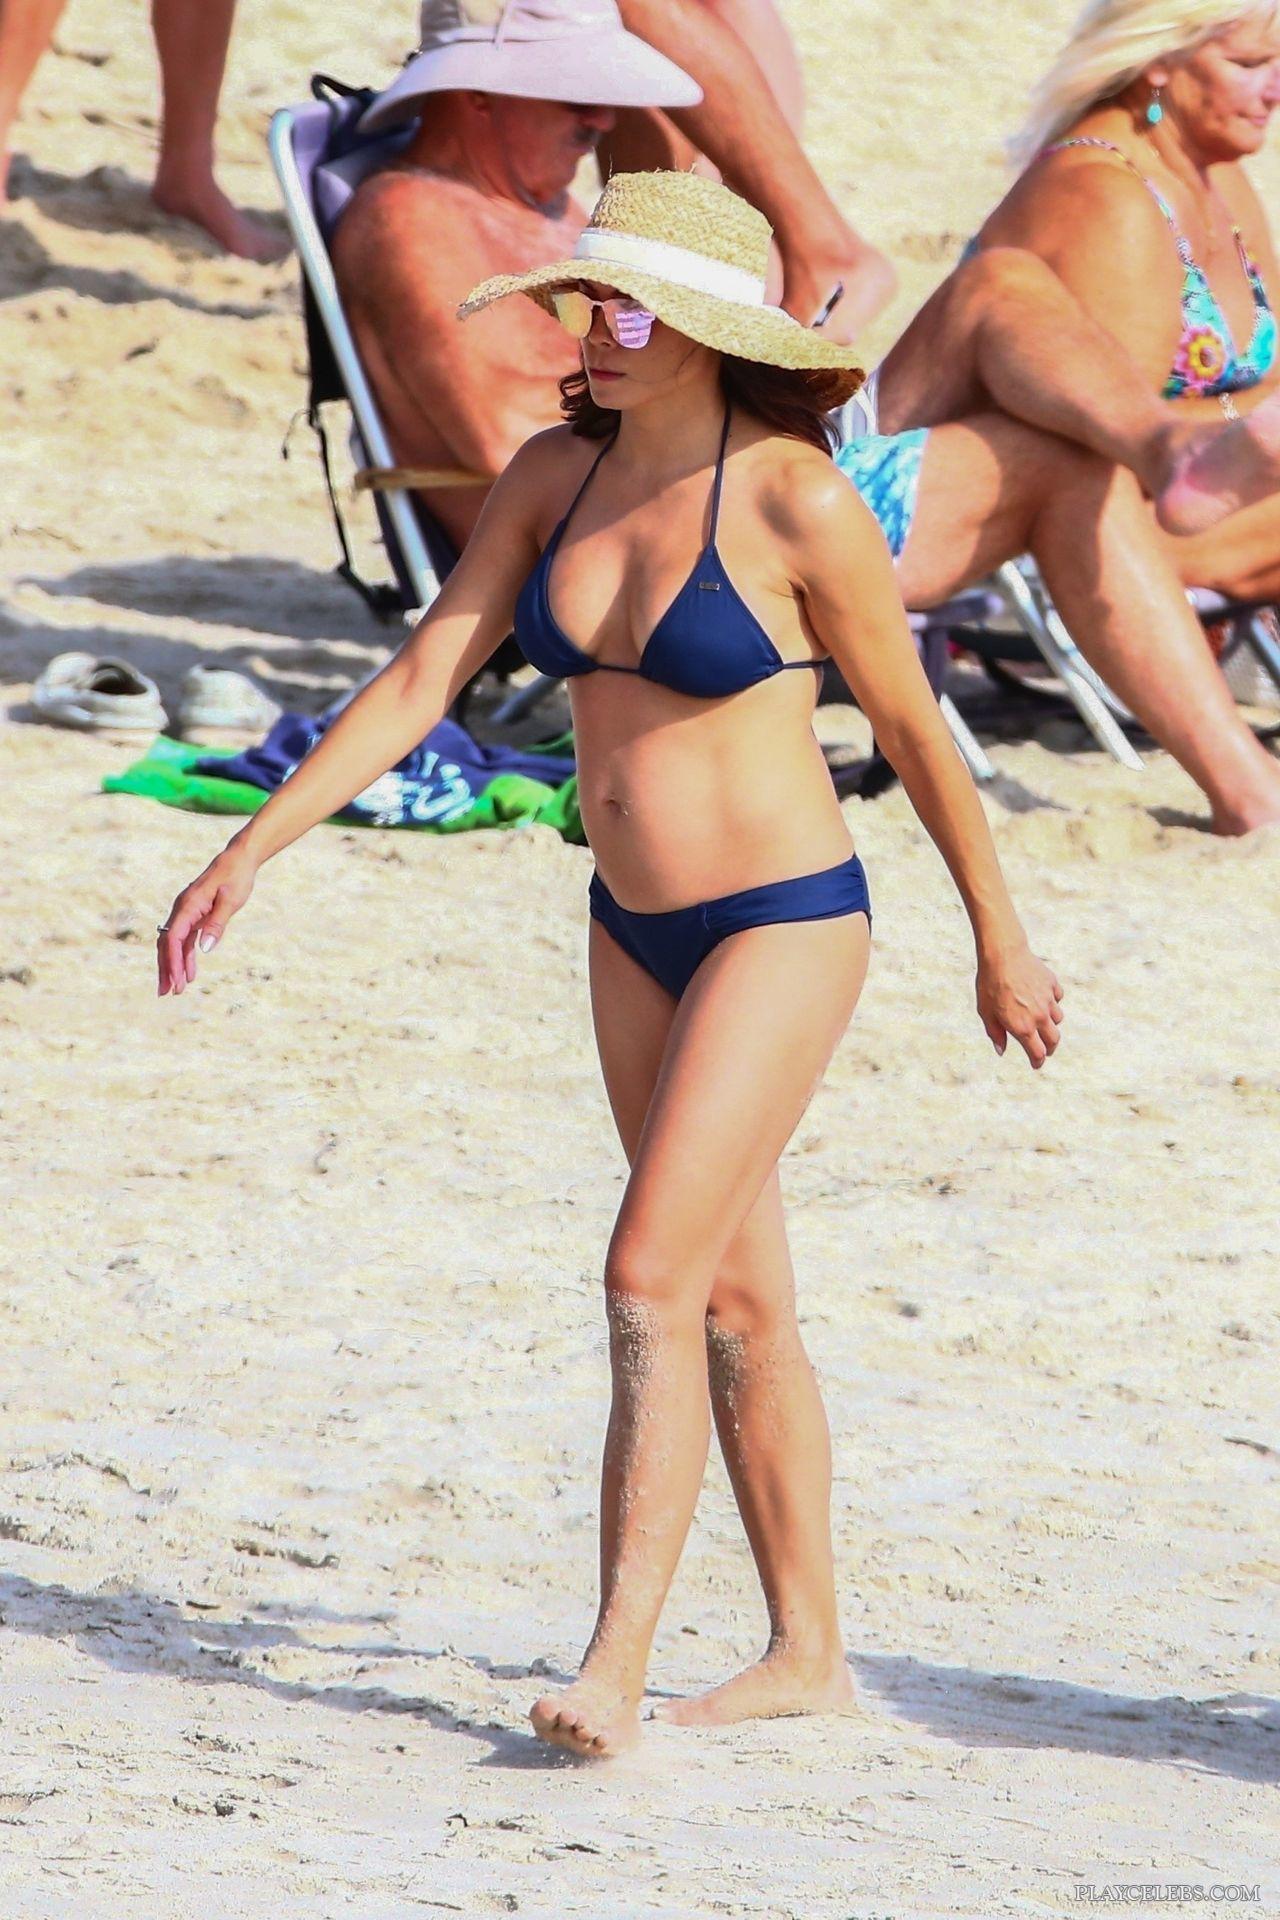 Jenna Dewan Tanning In Bikini On A Beach